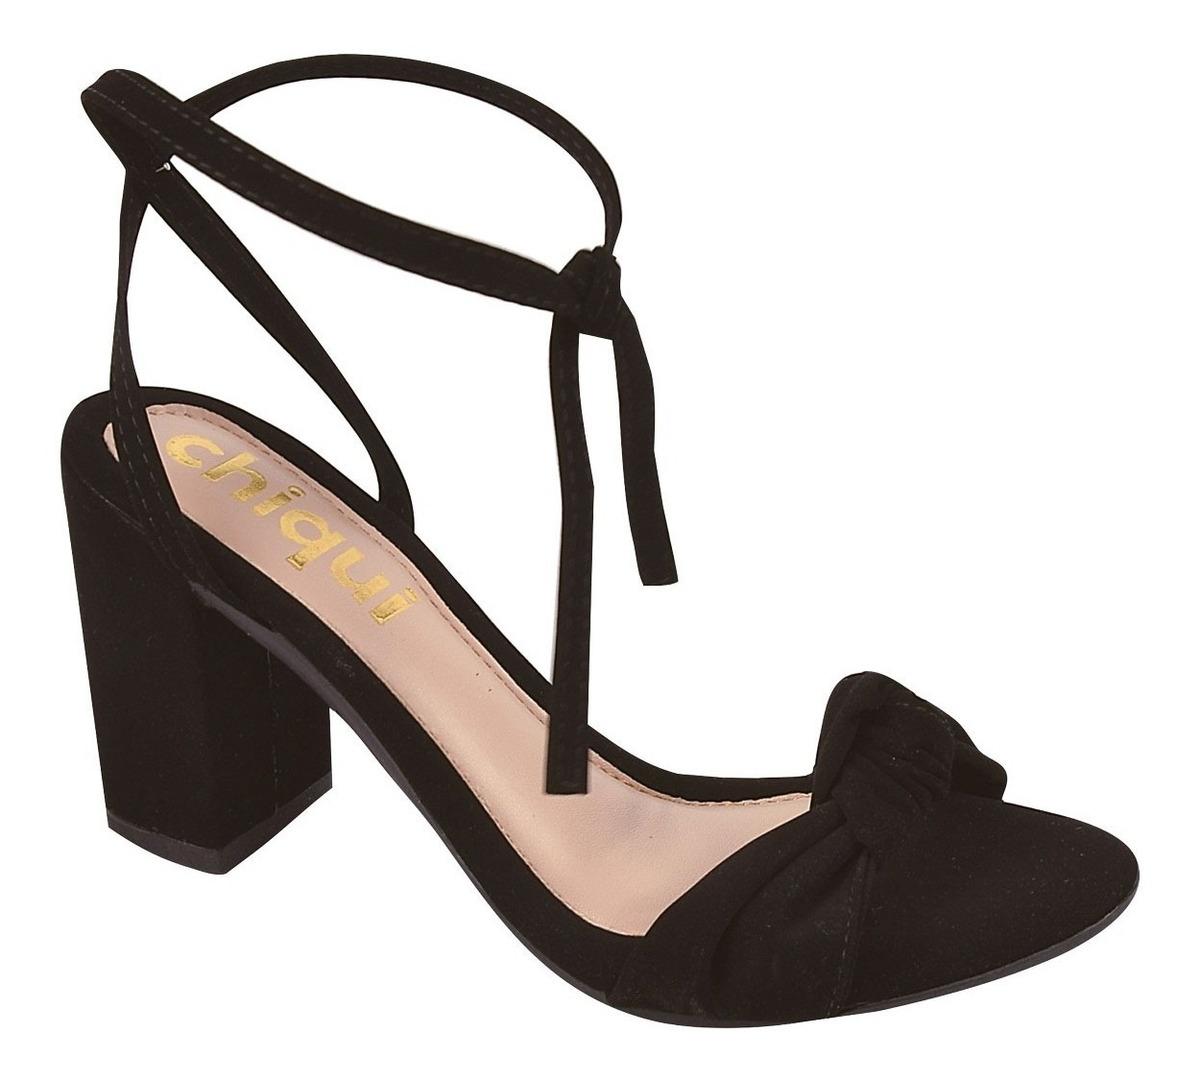 ac2b18d26 sandalia feminina salto alto grosso moda 2019 ant3. Carregando zoom.